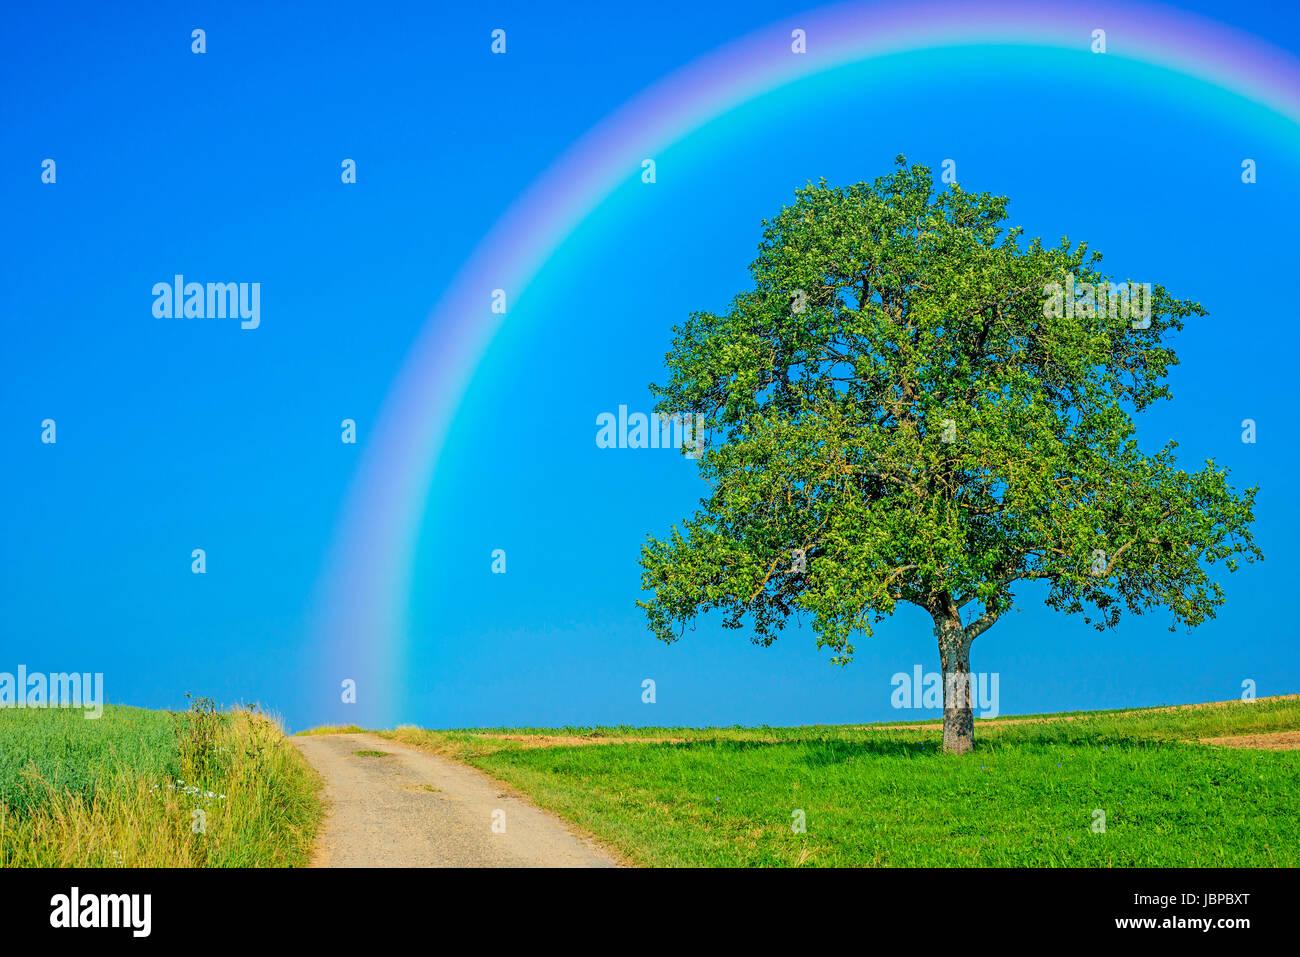 Weg mit Obstbaum und Regenbogen Stock Photo